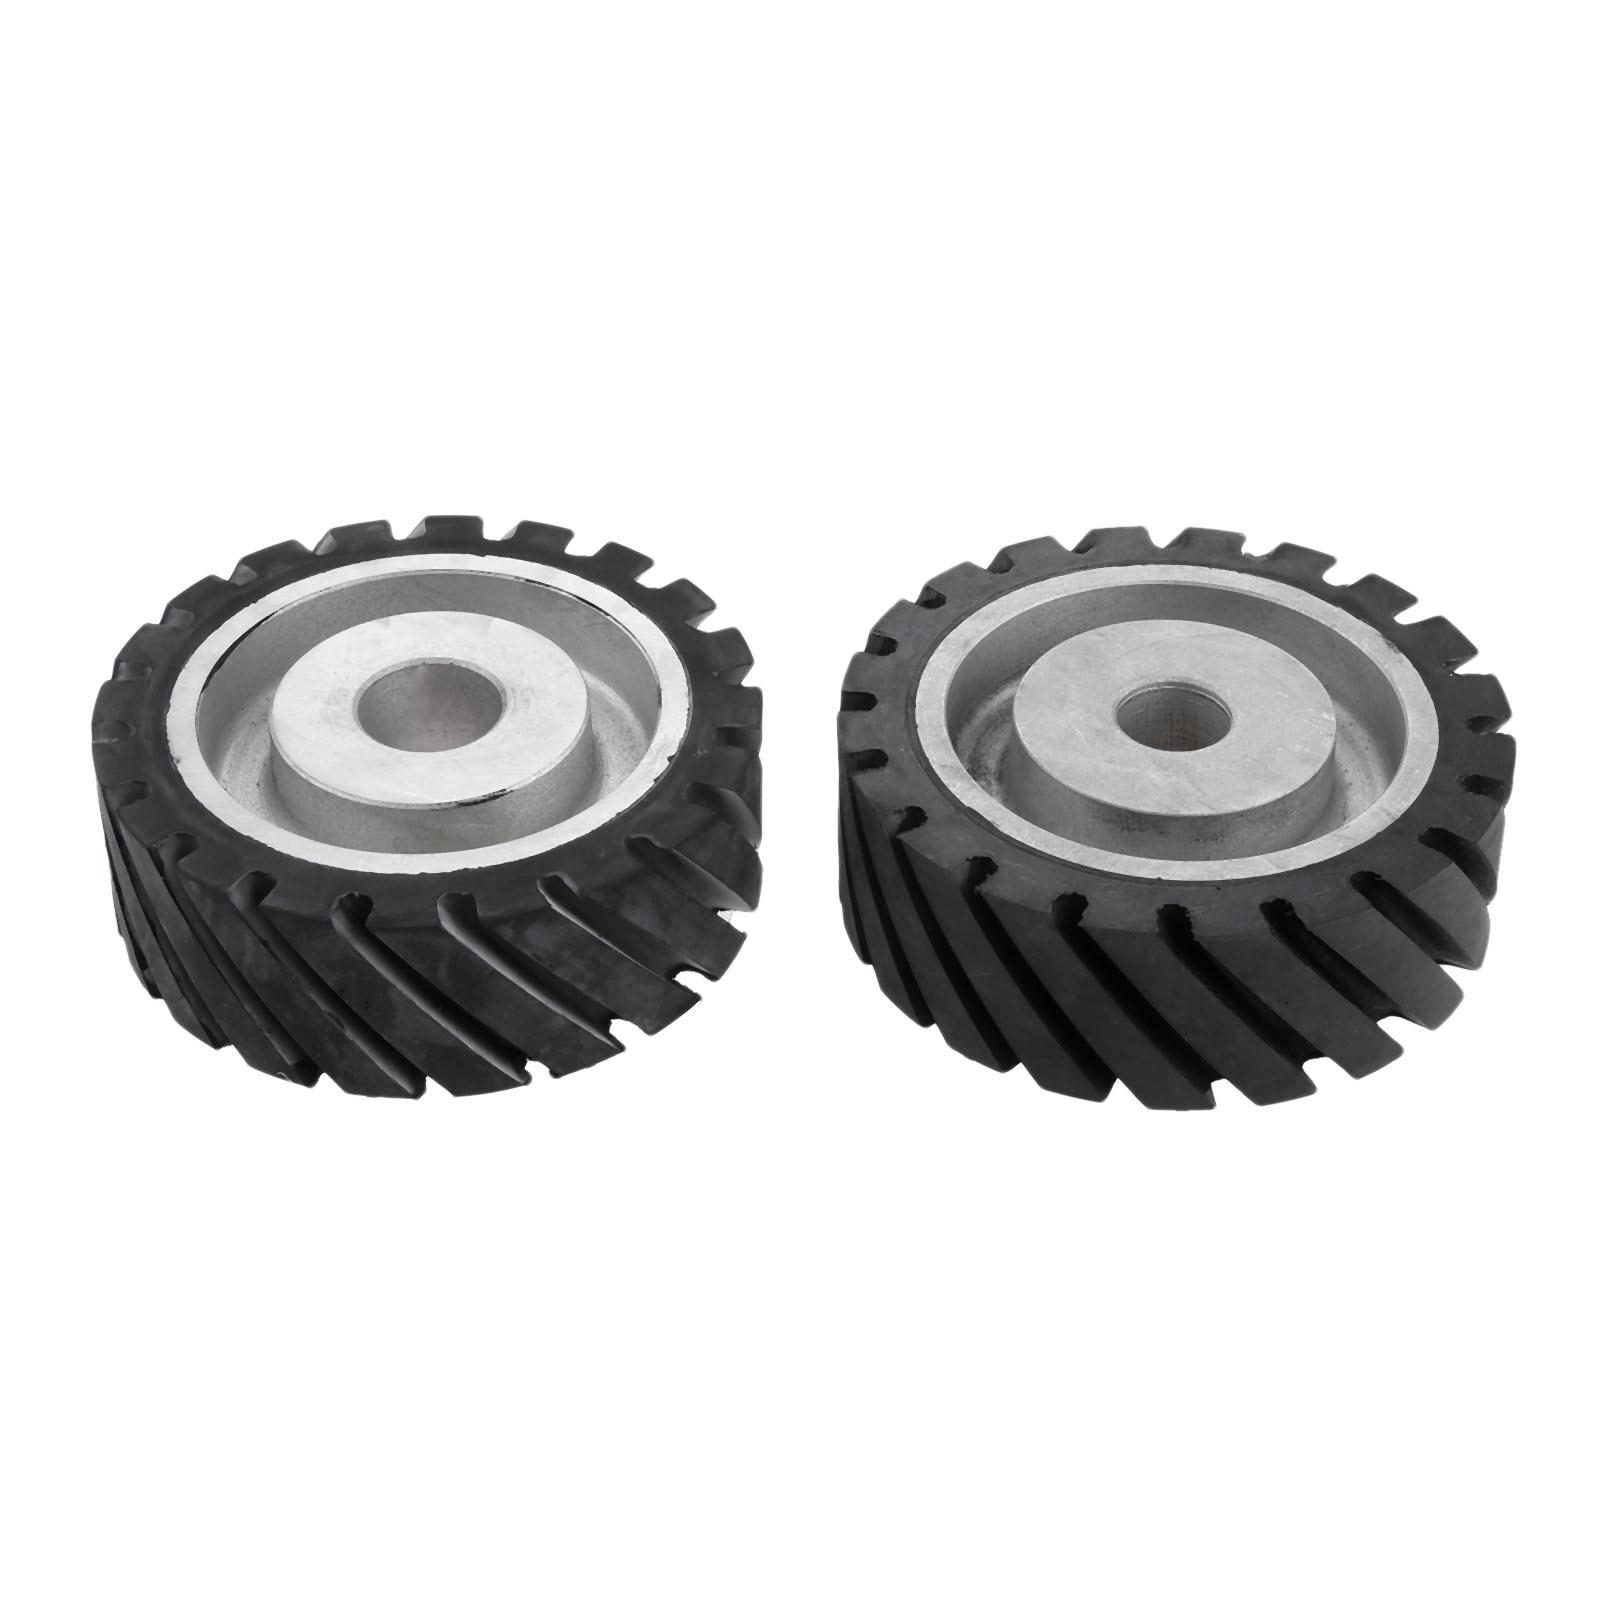 DRELD 150 50mm Serrated Rubber Contact Wheel For Belt Grinder Sander Dynamically Balanced Grinding Sanding Abrasive